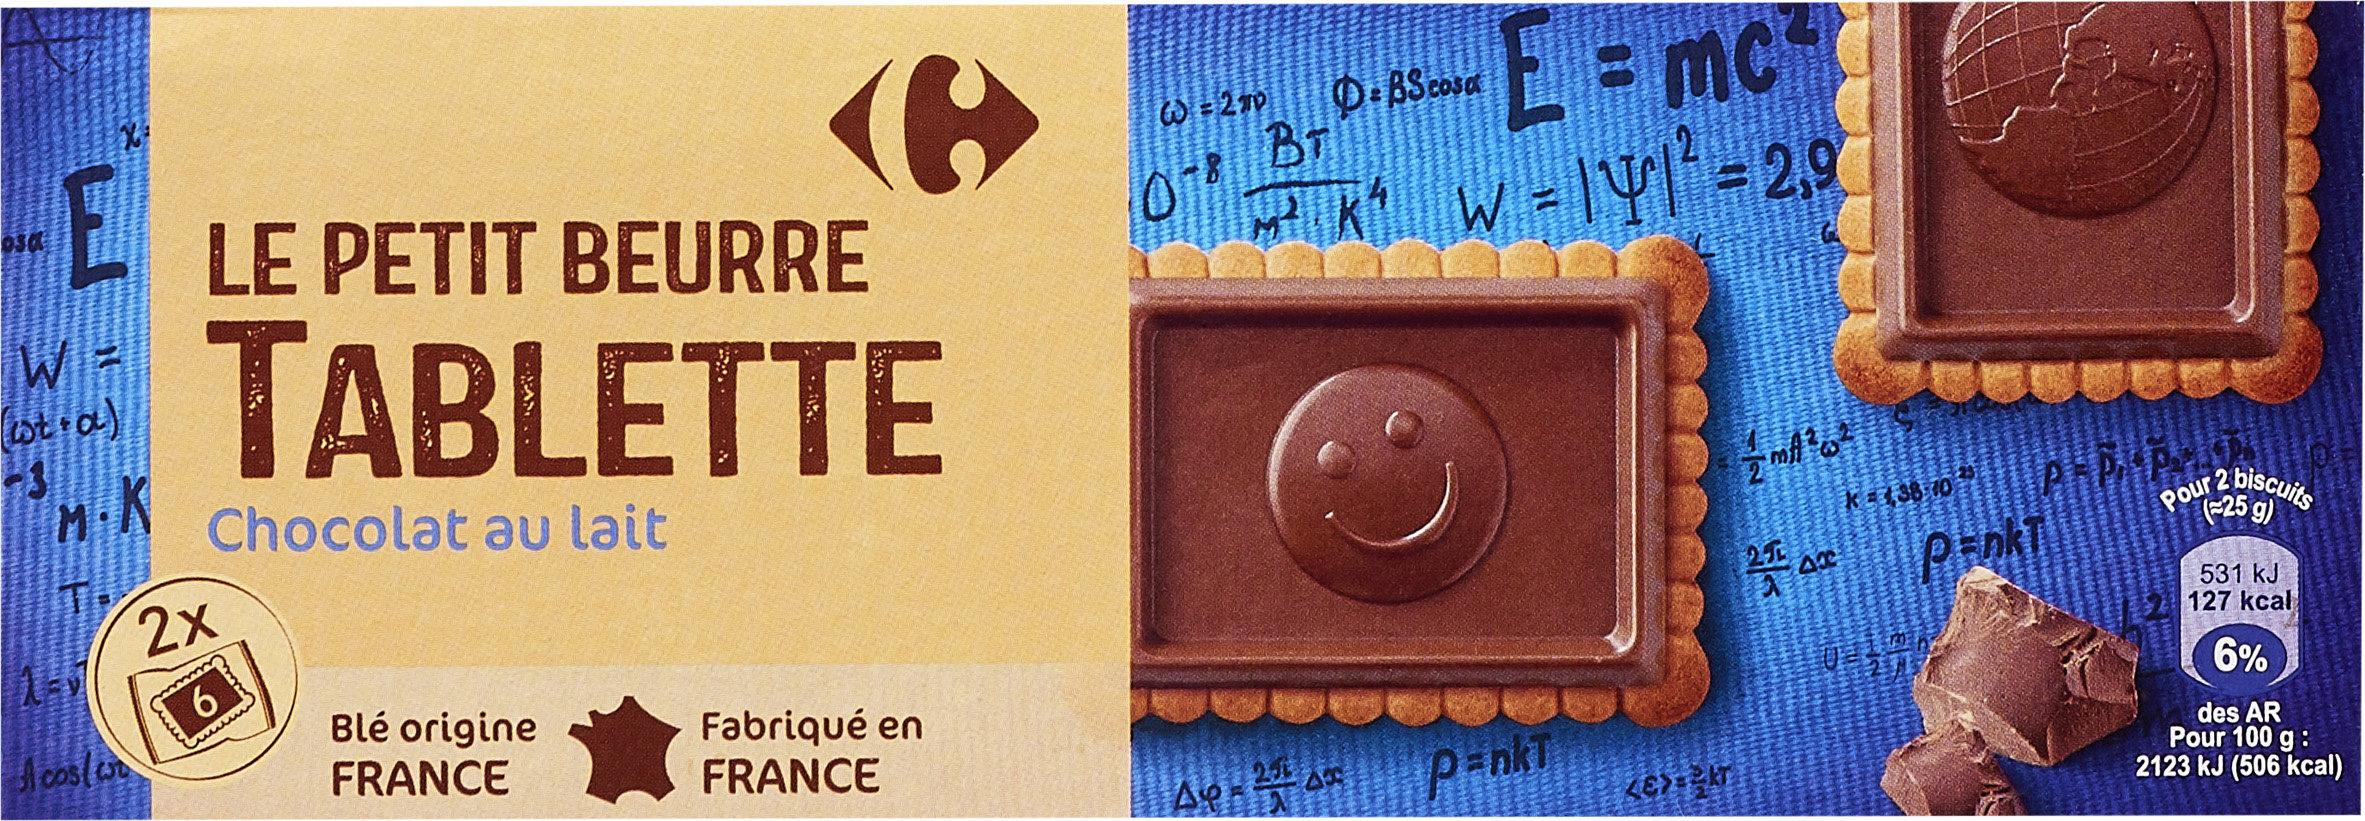 Le petit beurre  tablette  chocolat au lait - Produit - fr